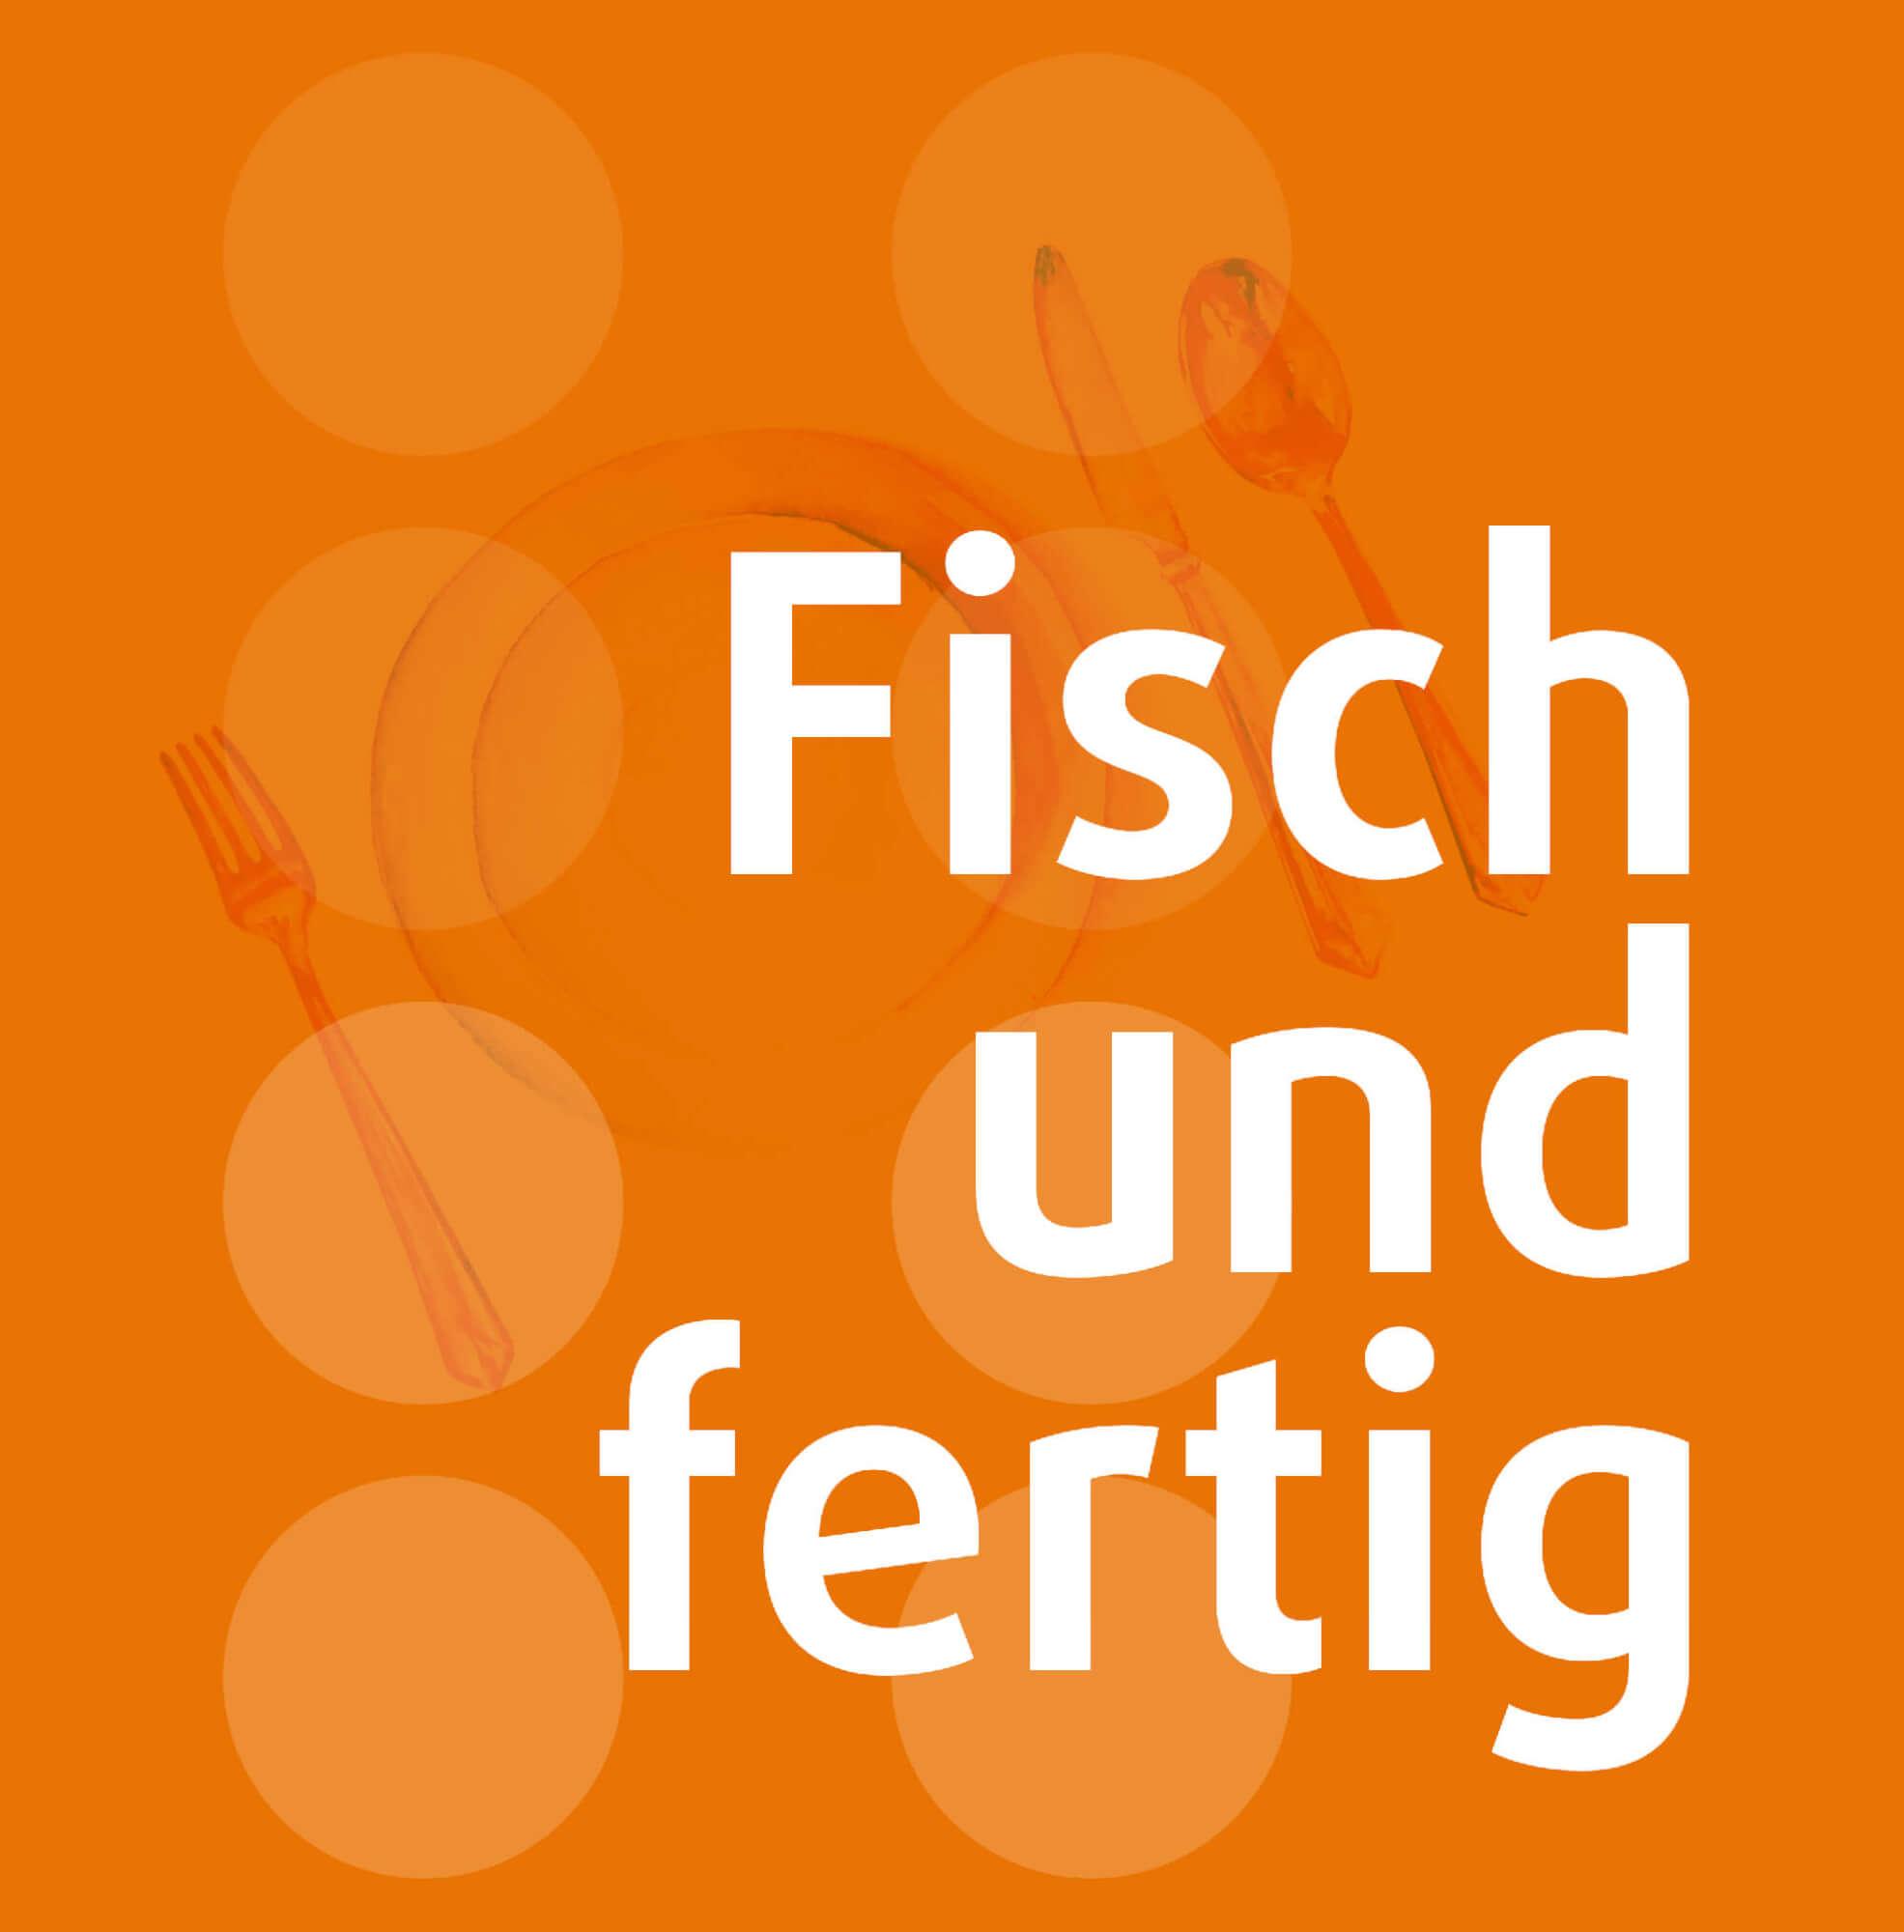 Fisch und Fertig (Schmuckbild) - Handwerk